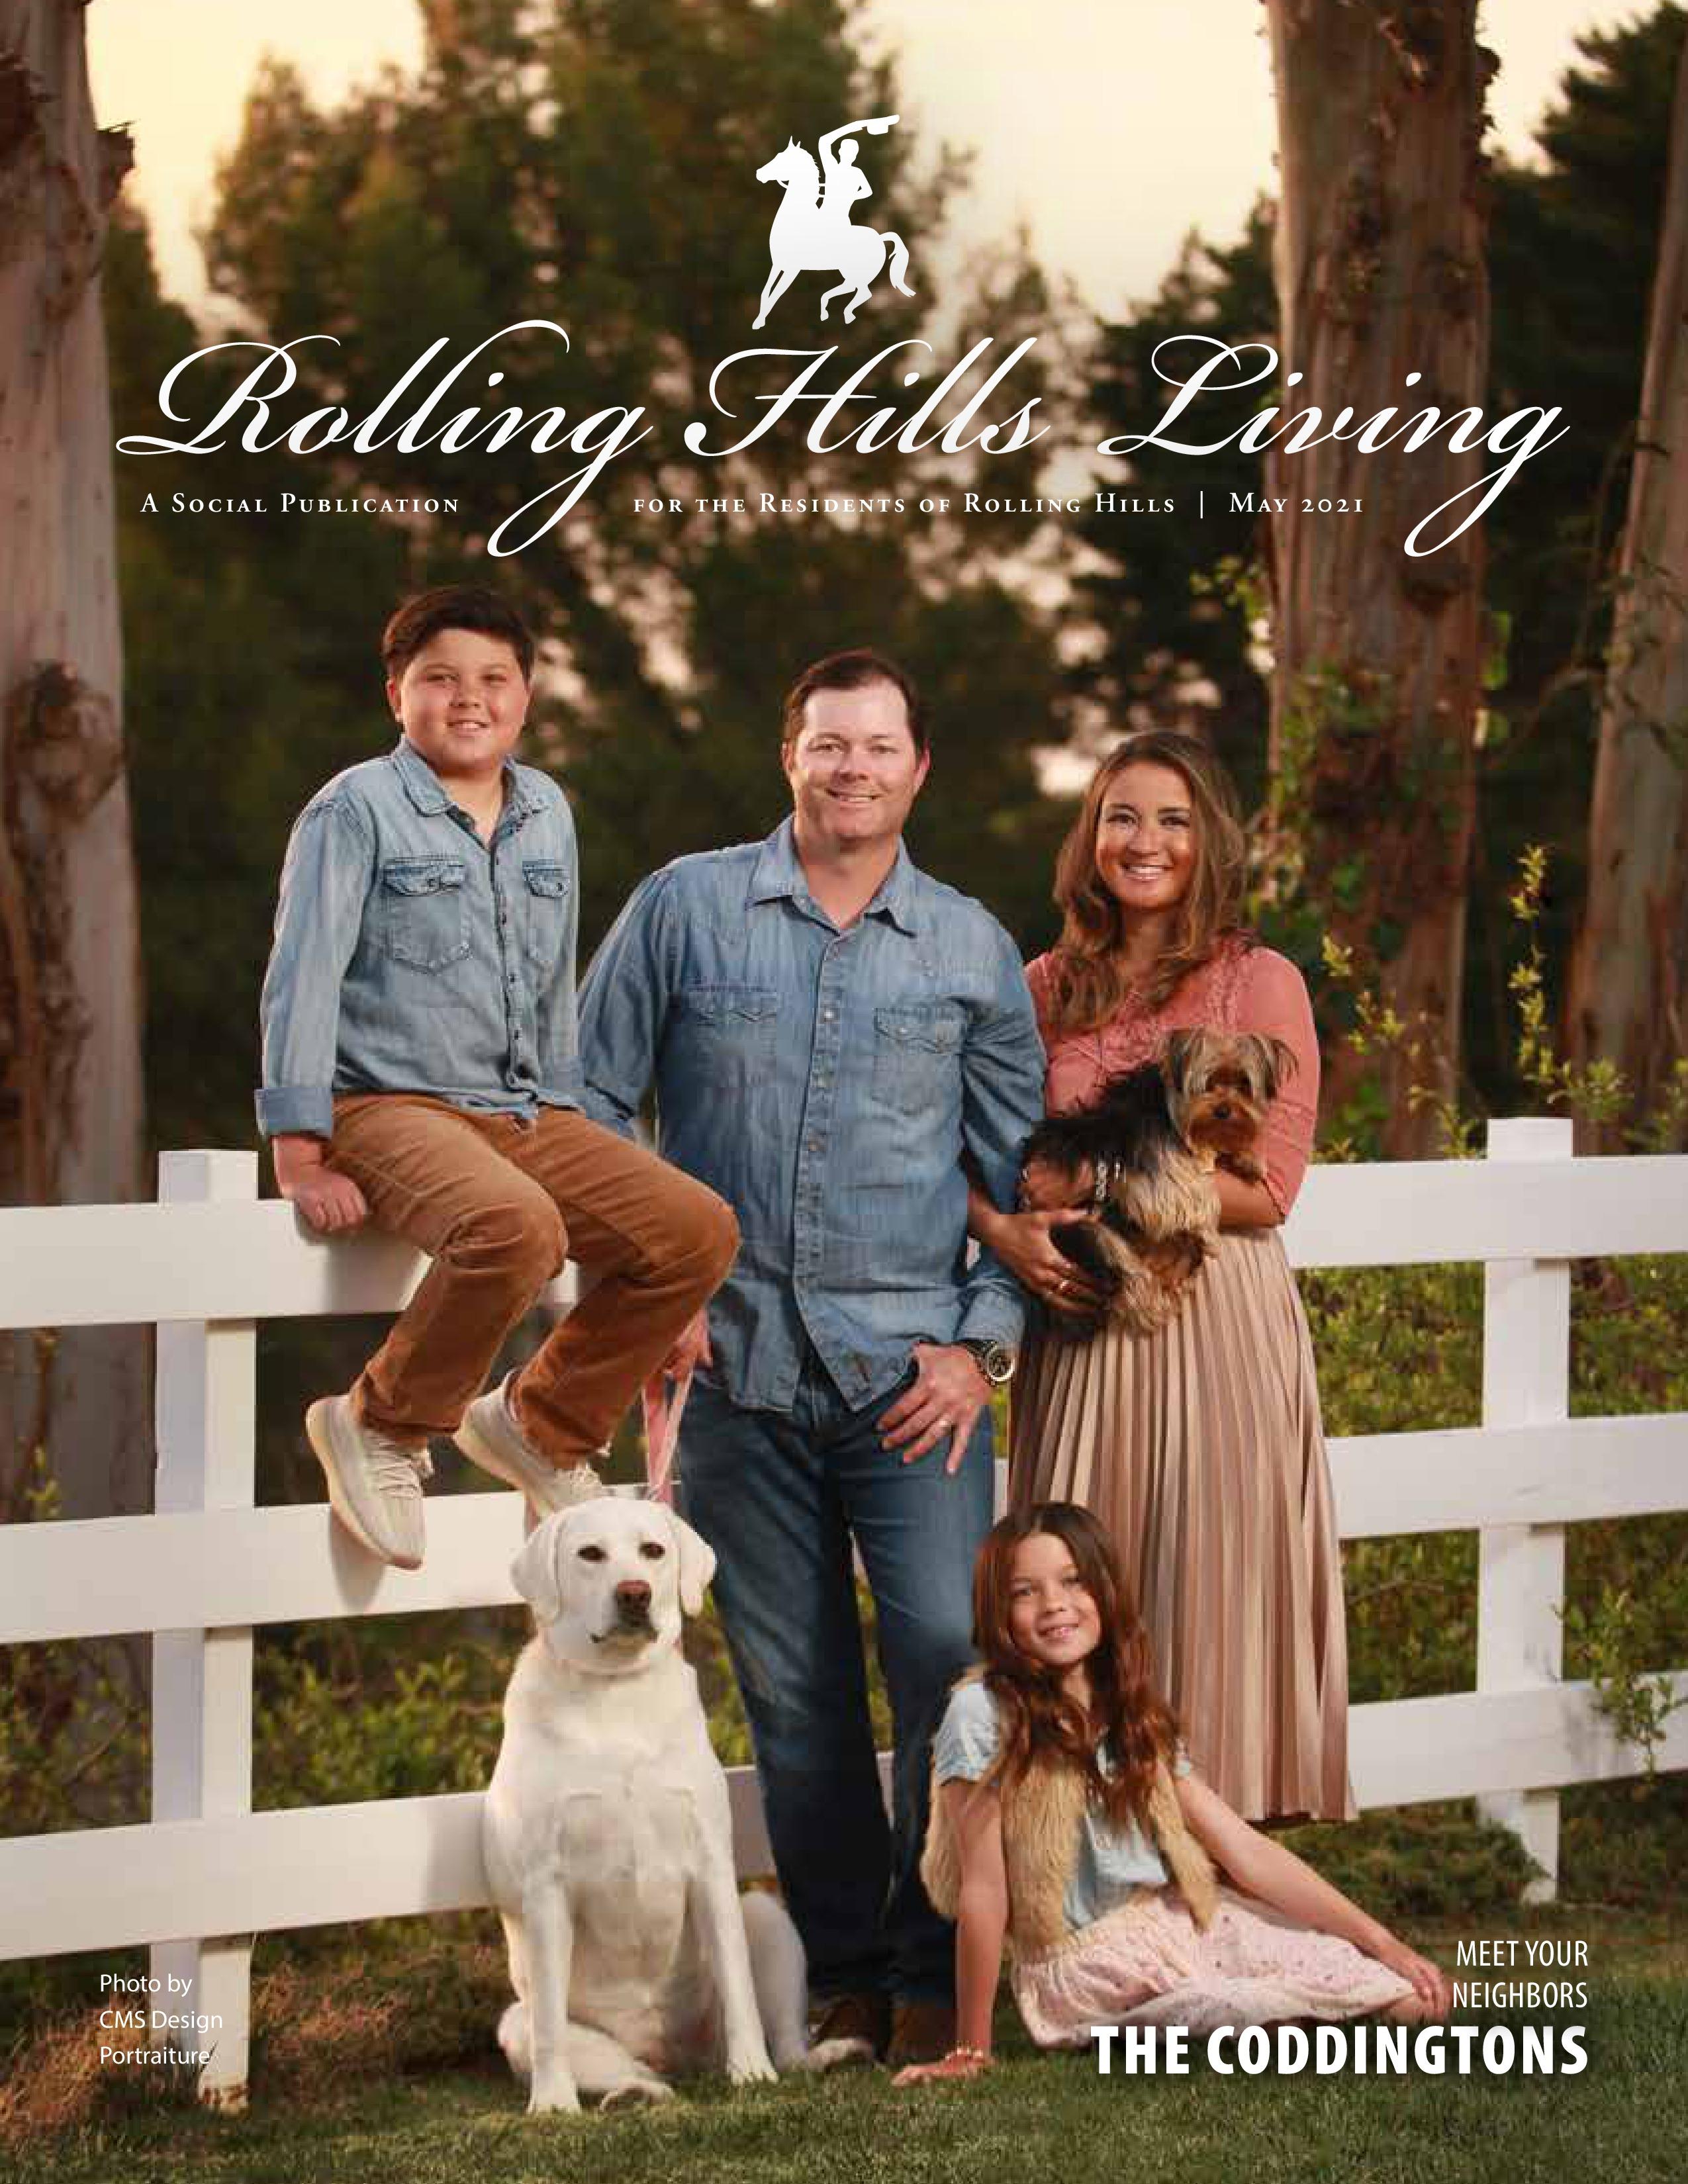 Rolling Hills Living 2021-05-01